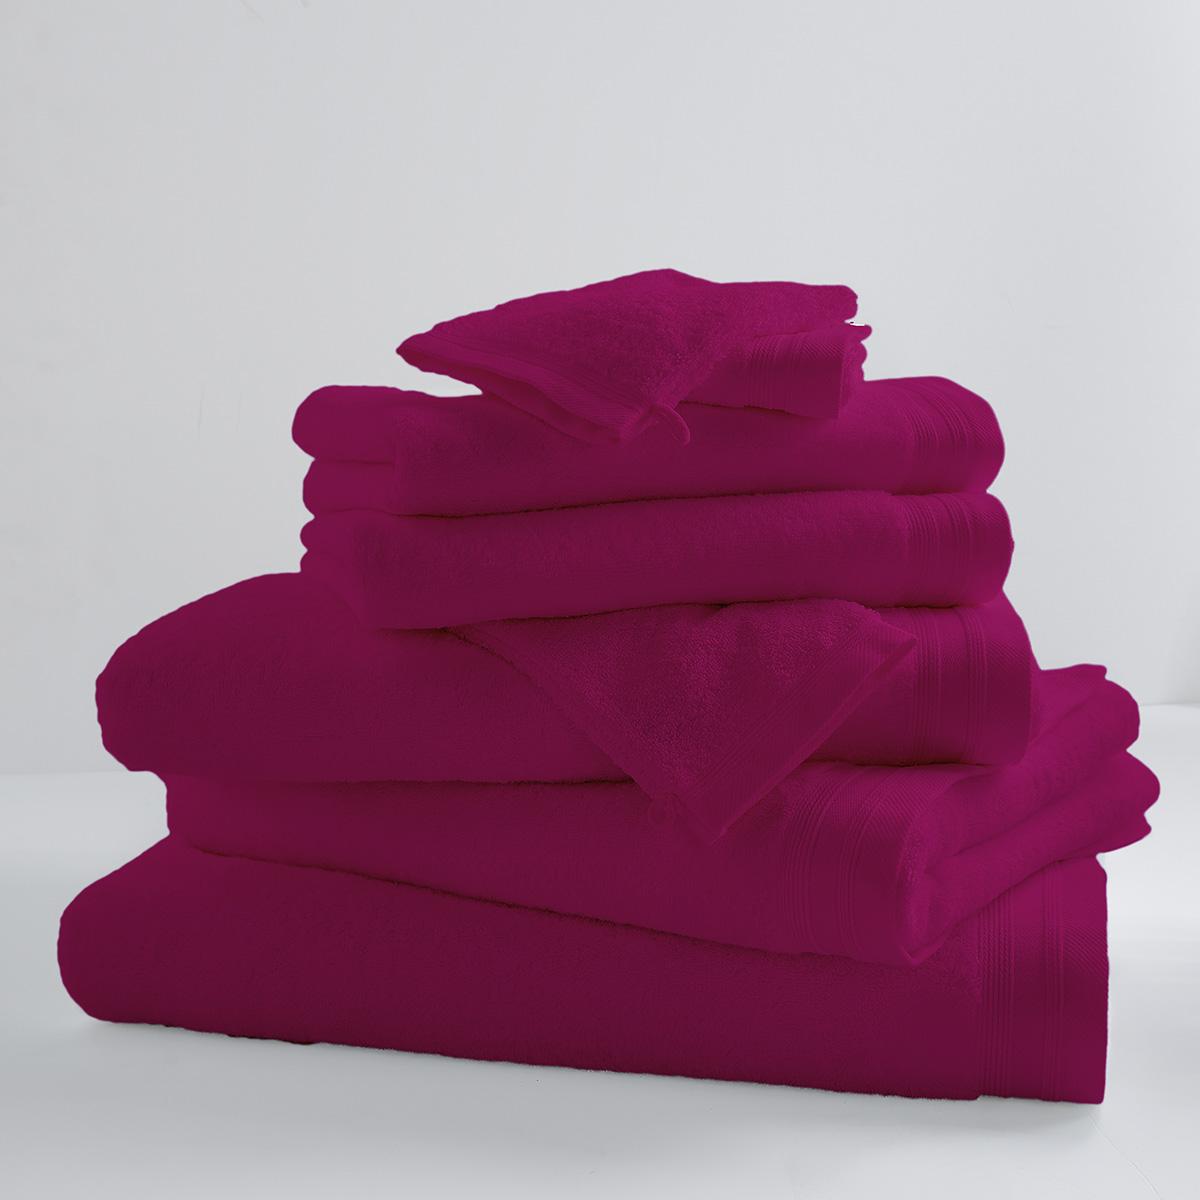 Drap de douche uni et coloré coton sorbet 140x70